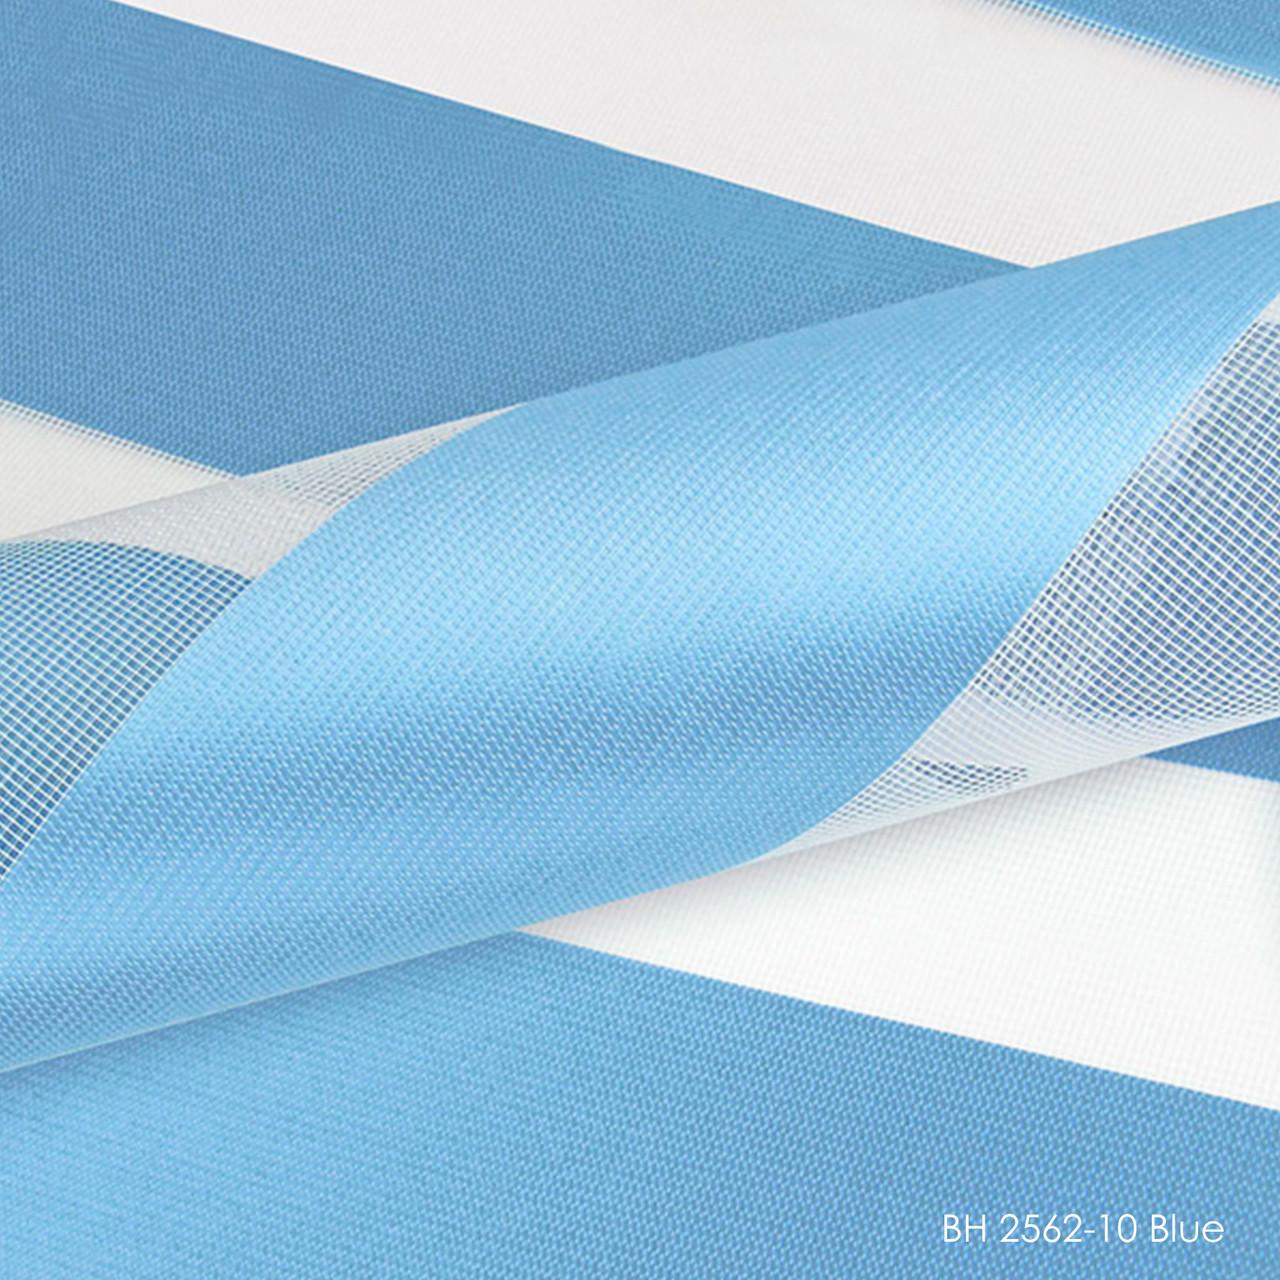 BH 2562-10 Blue